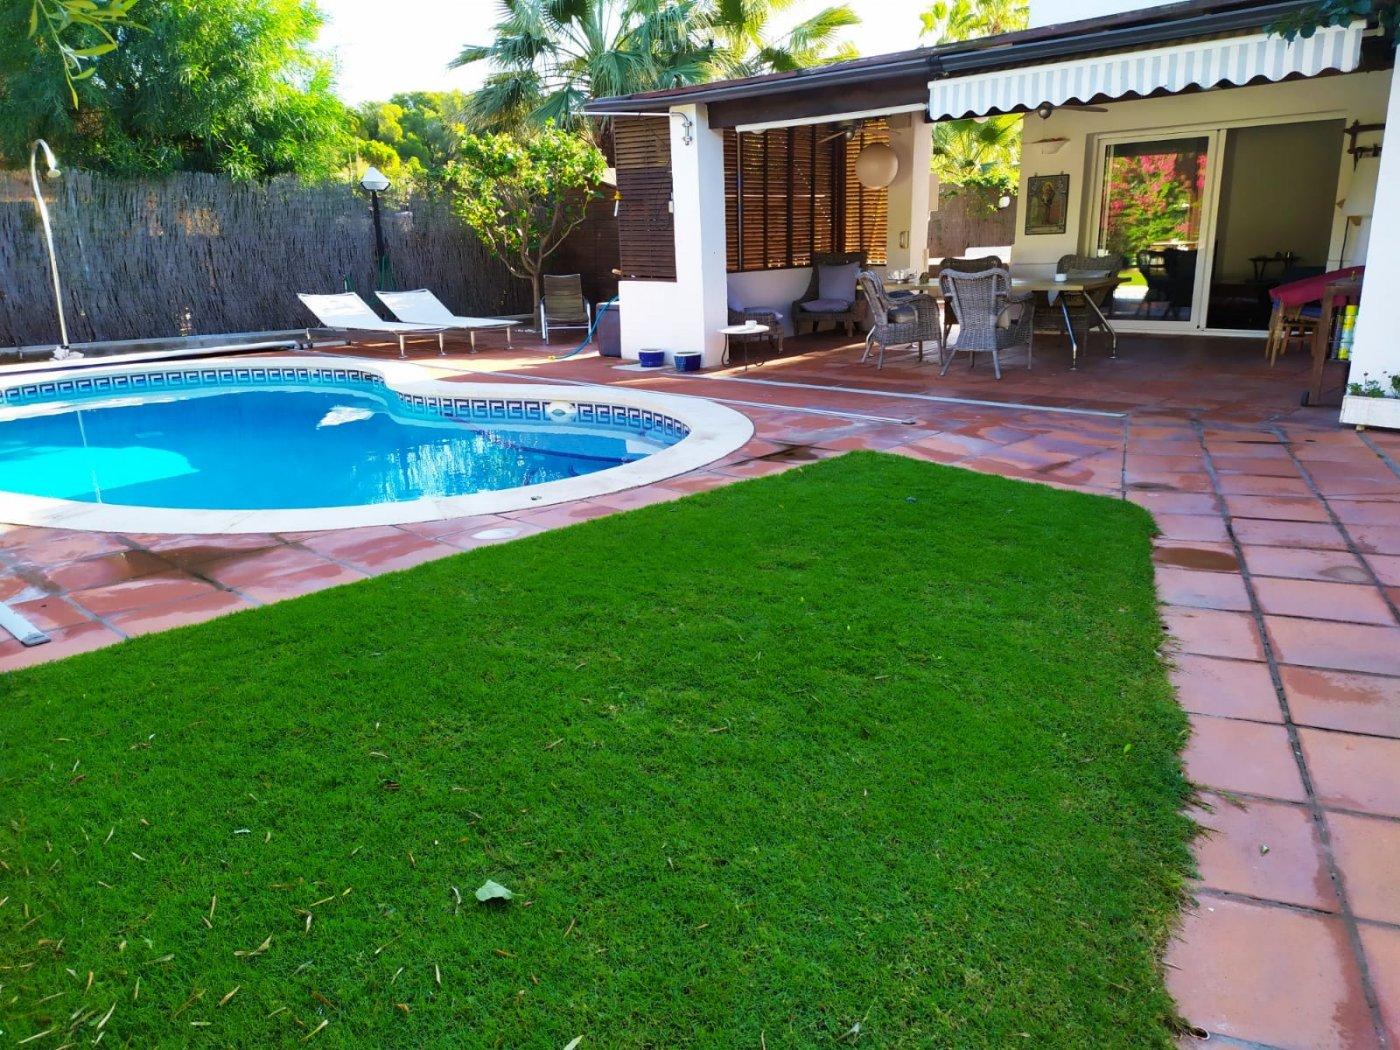 Fantástico chalet en sitges- terramar, con jardín y piscina - imagenInmueble0